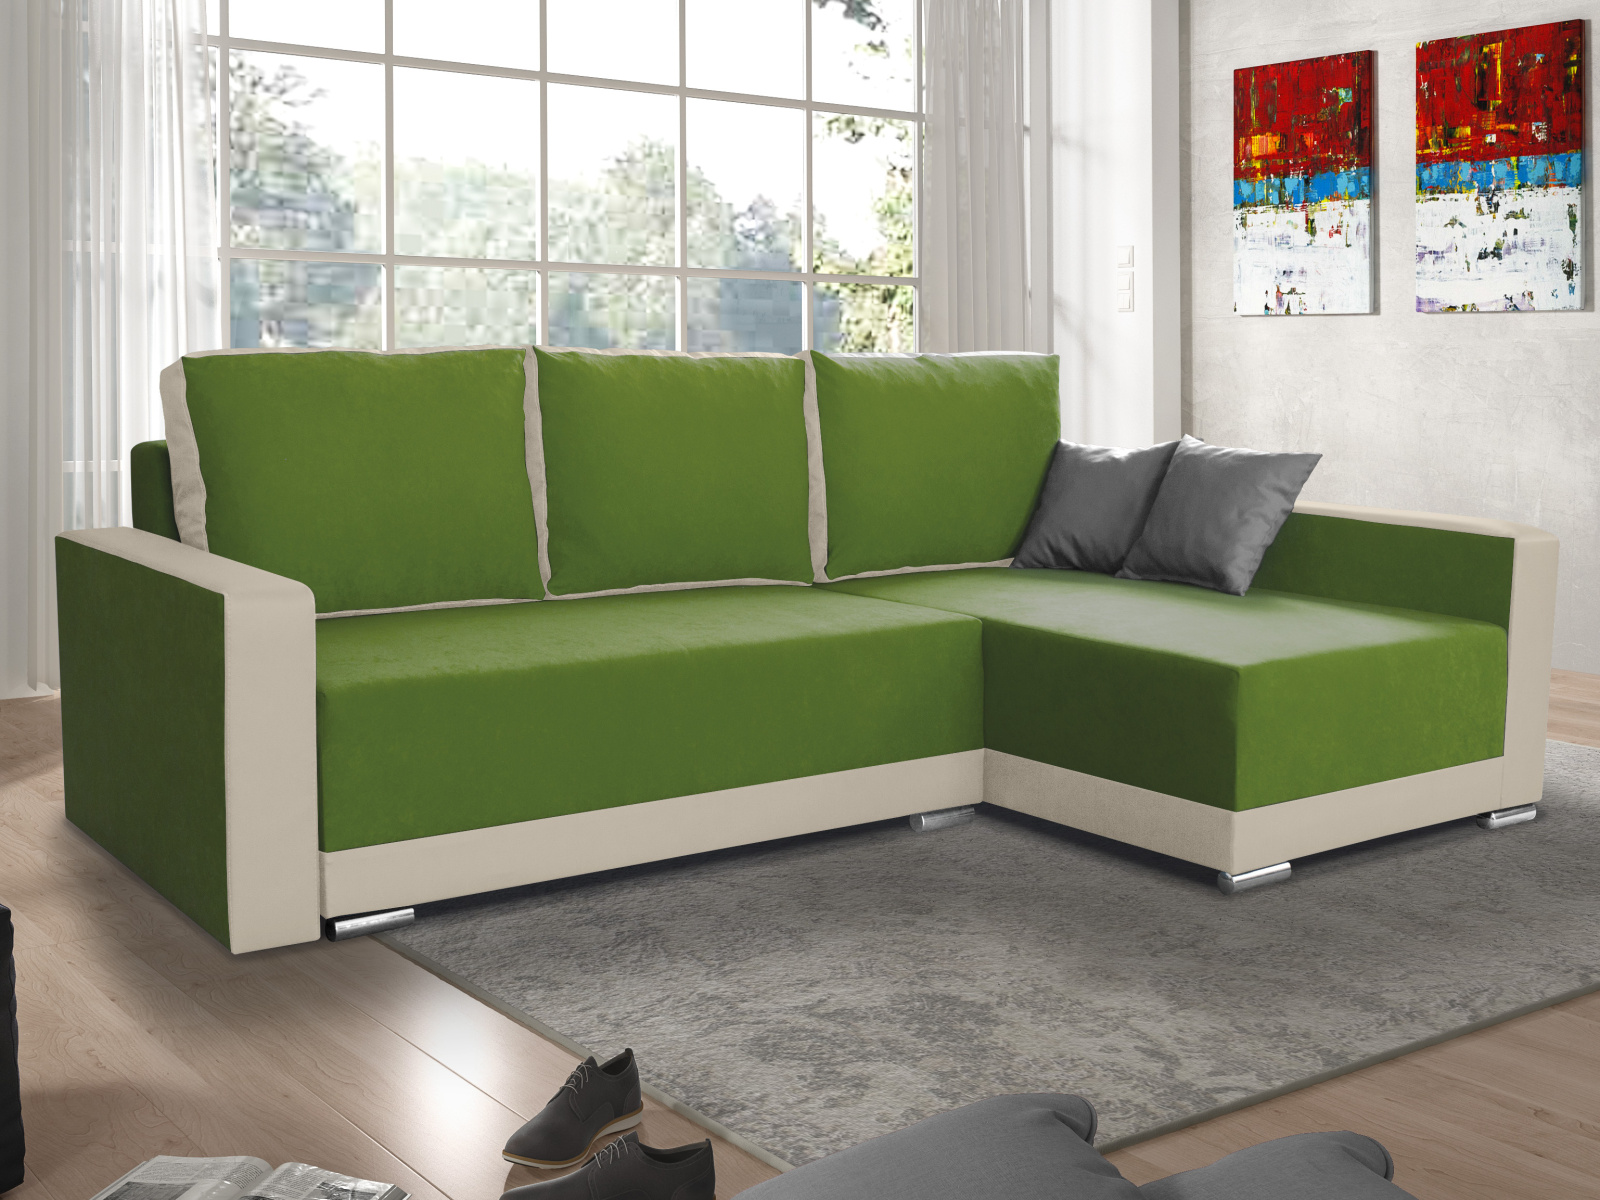 Smartshop Rohová sedačka EDEN 8 pravá, zelená látka/krémová ekokůže